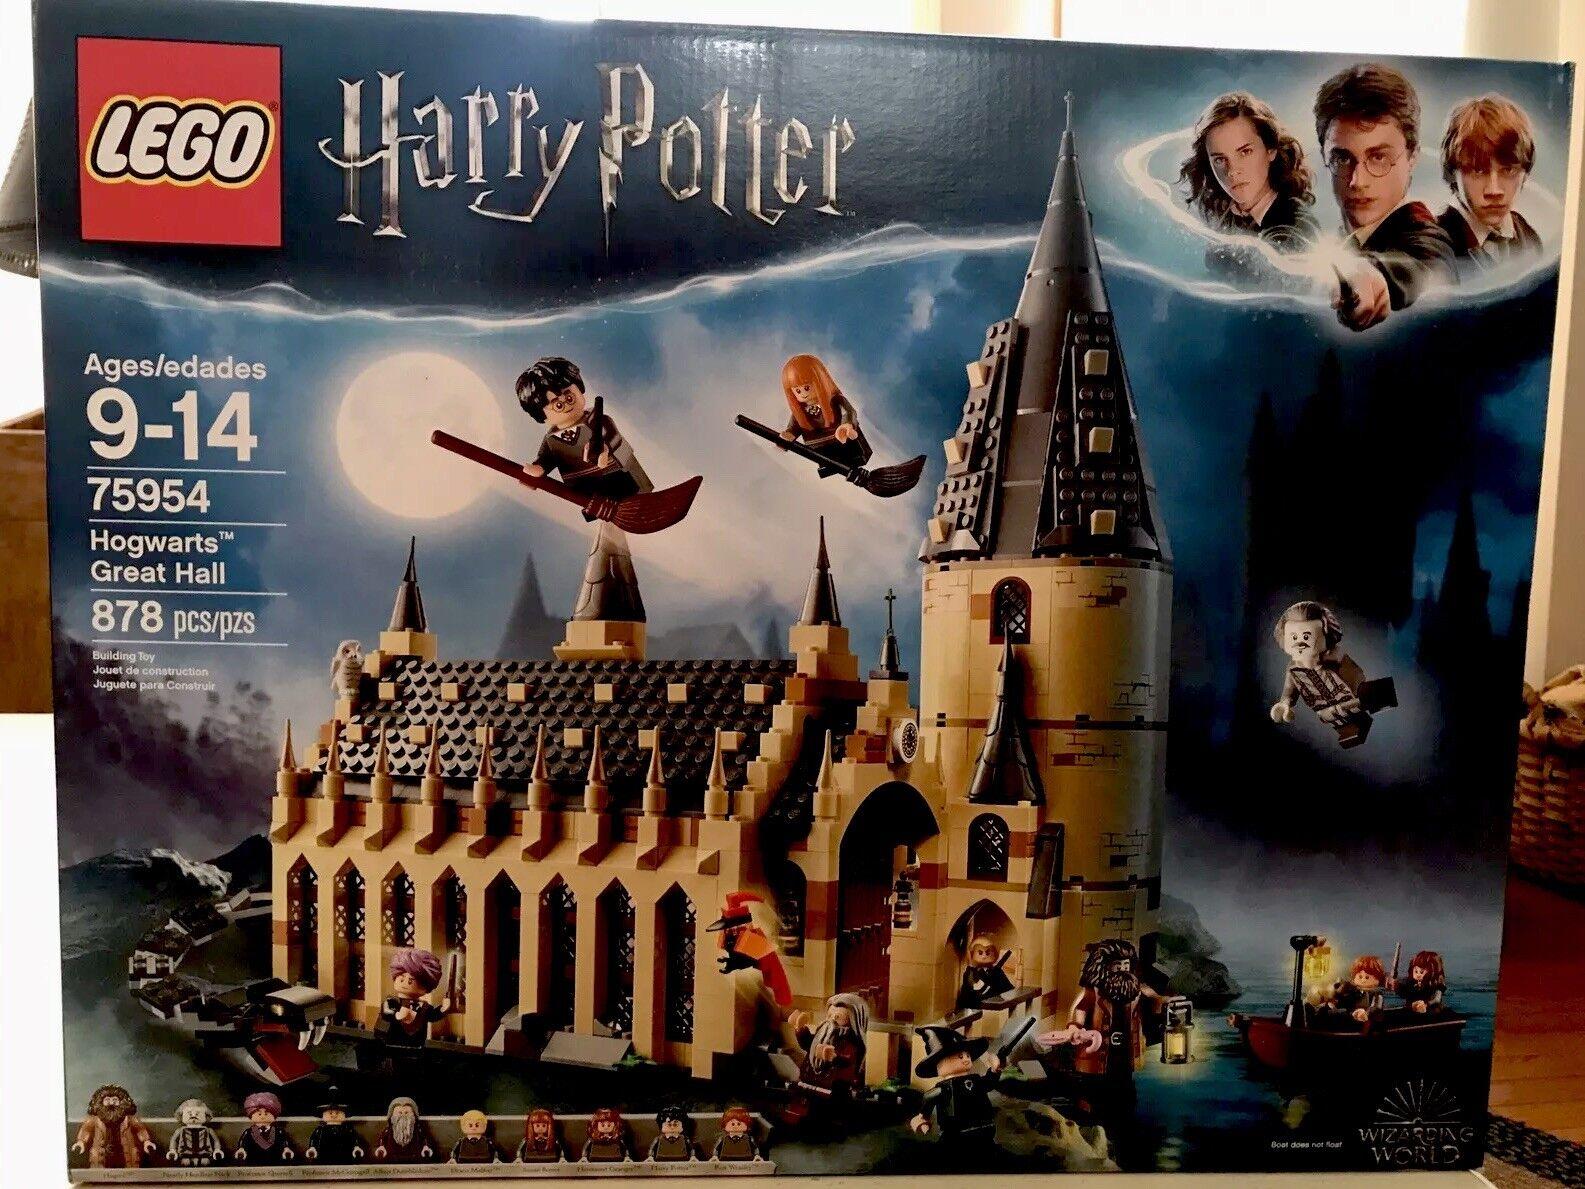 Lego Harry Potter Hogwarts Great Hall Castle Set Legos Kit Free Shipping 75954